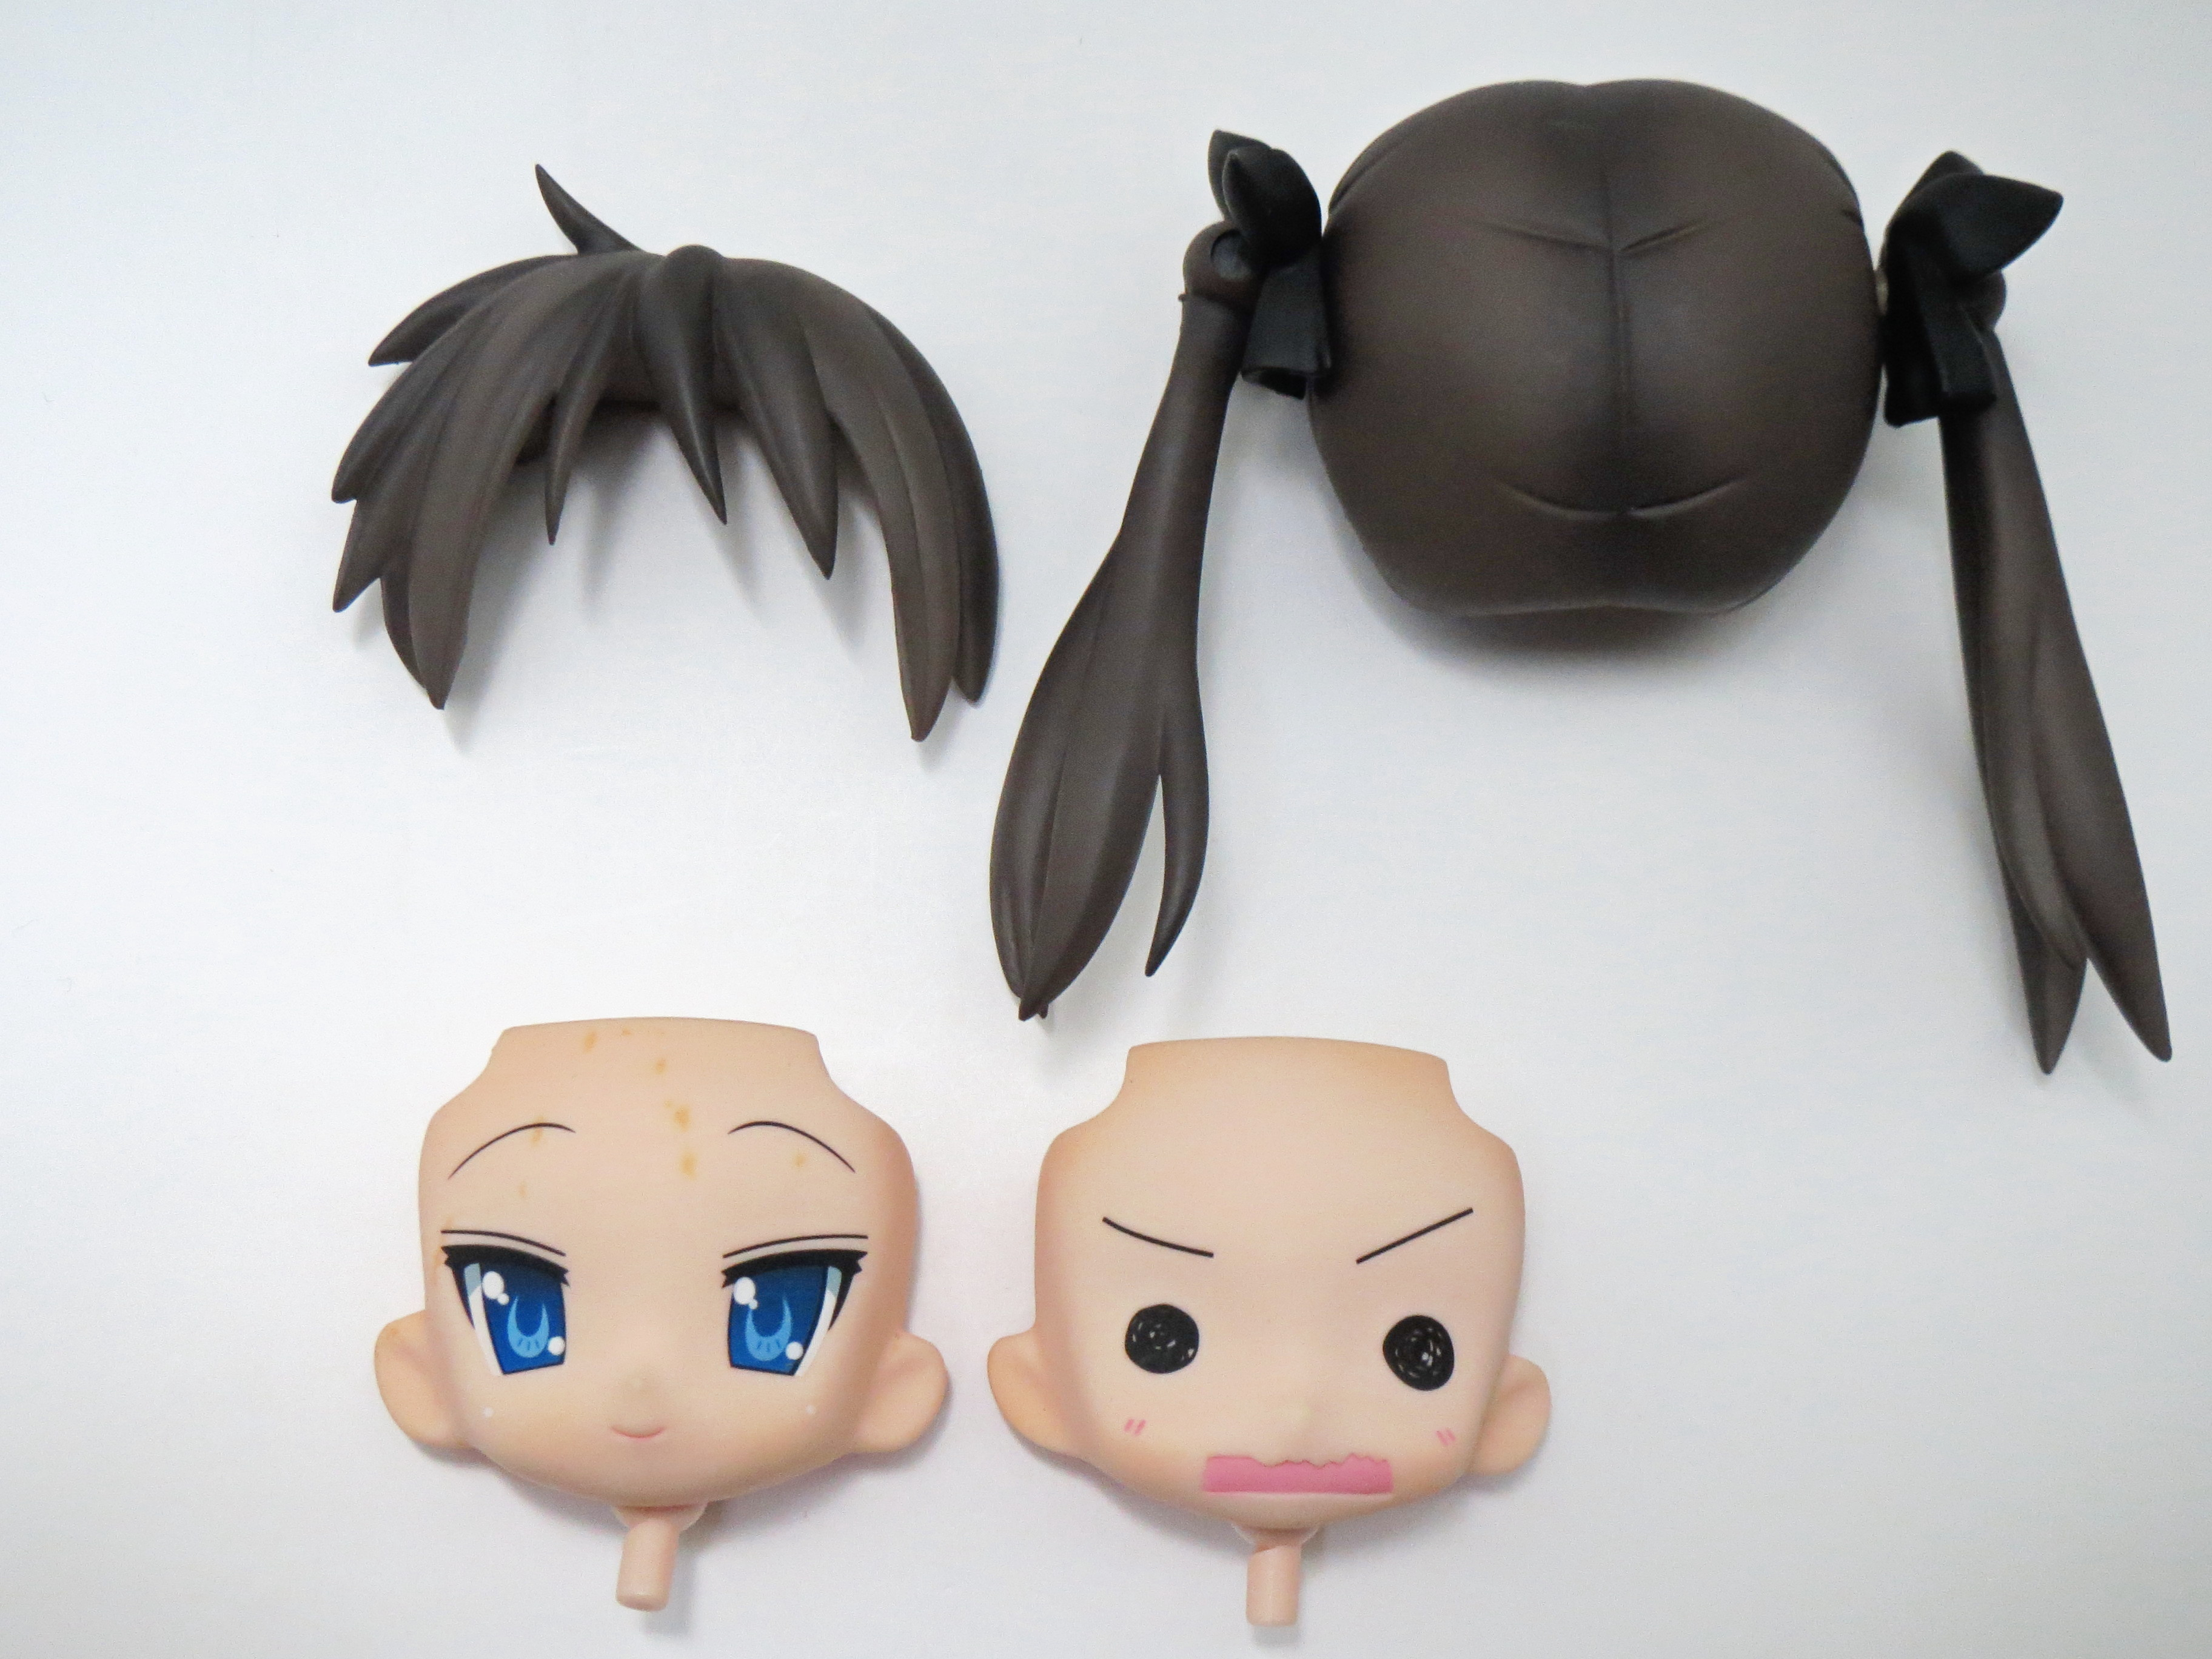 【034】 Fateコスプレ 柊かがみ 髪パーツ、顔パーツ2種セット (Bランク) ねんどろいど